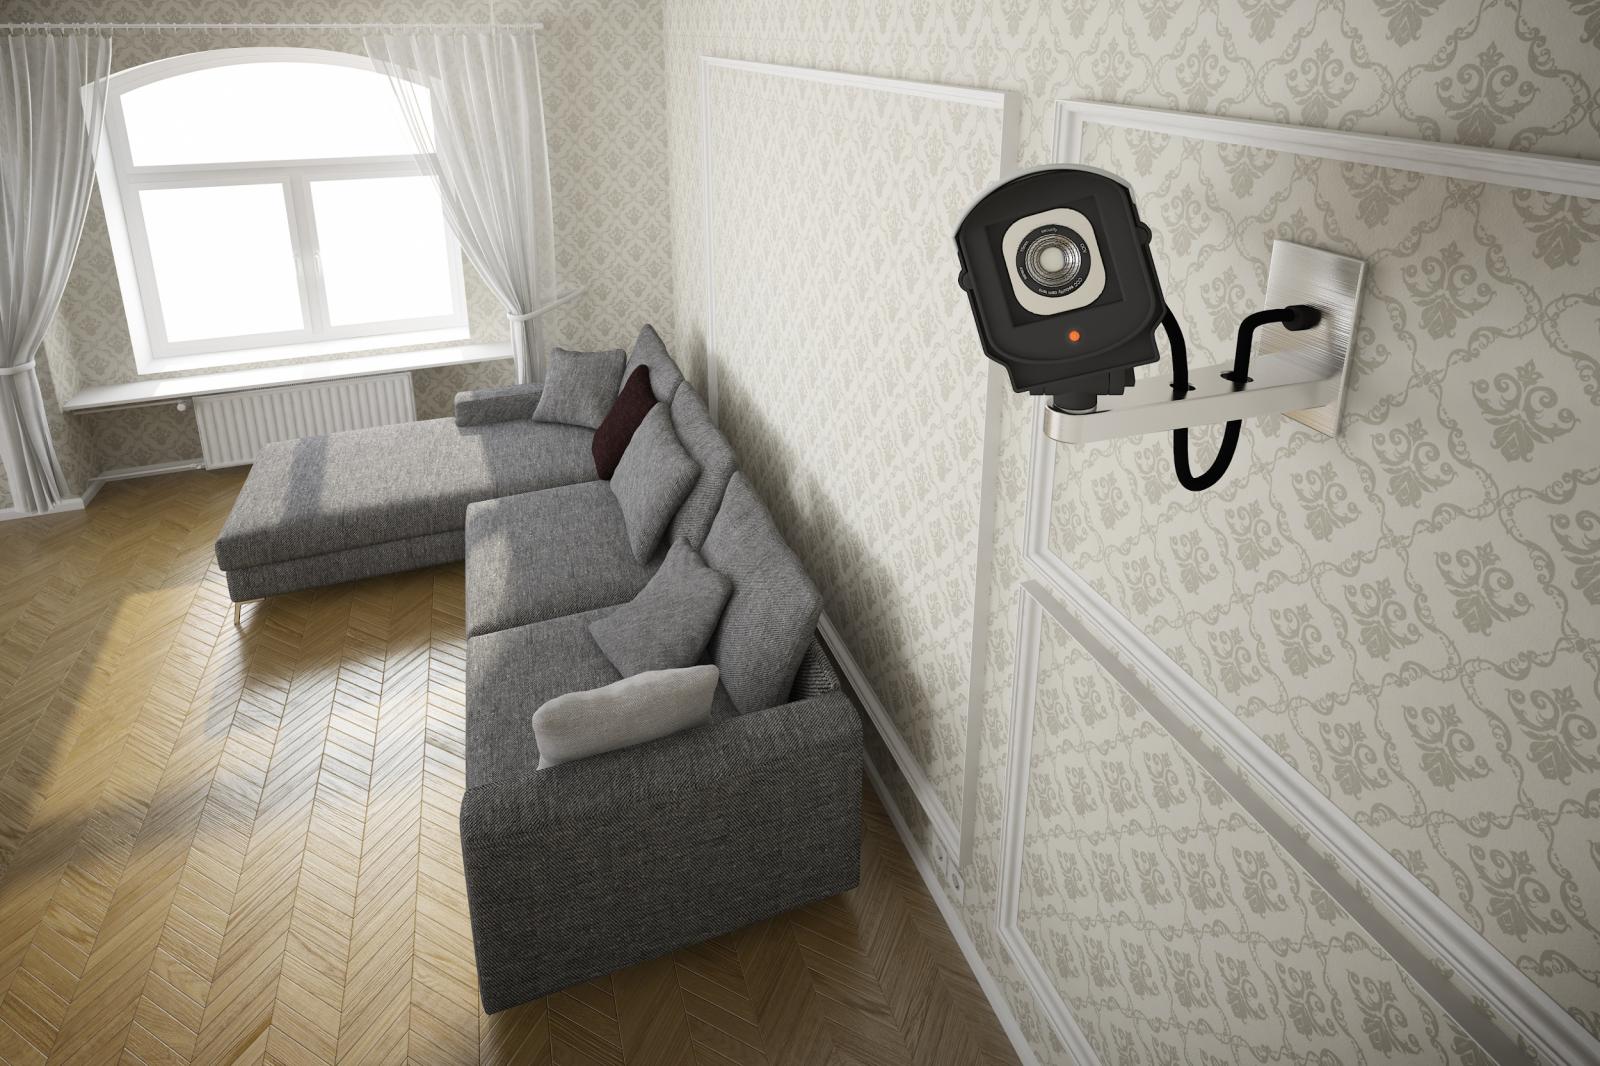 camera an ninh goc quay rong